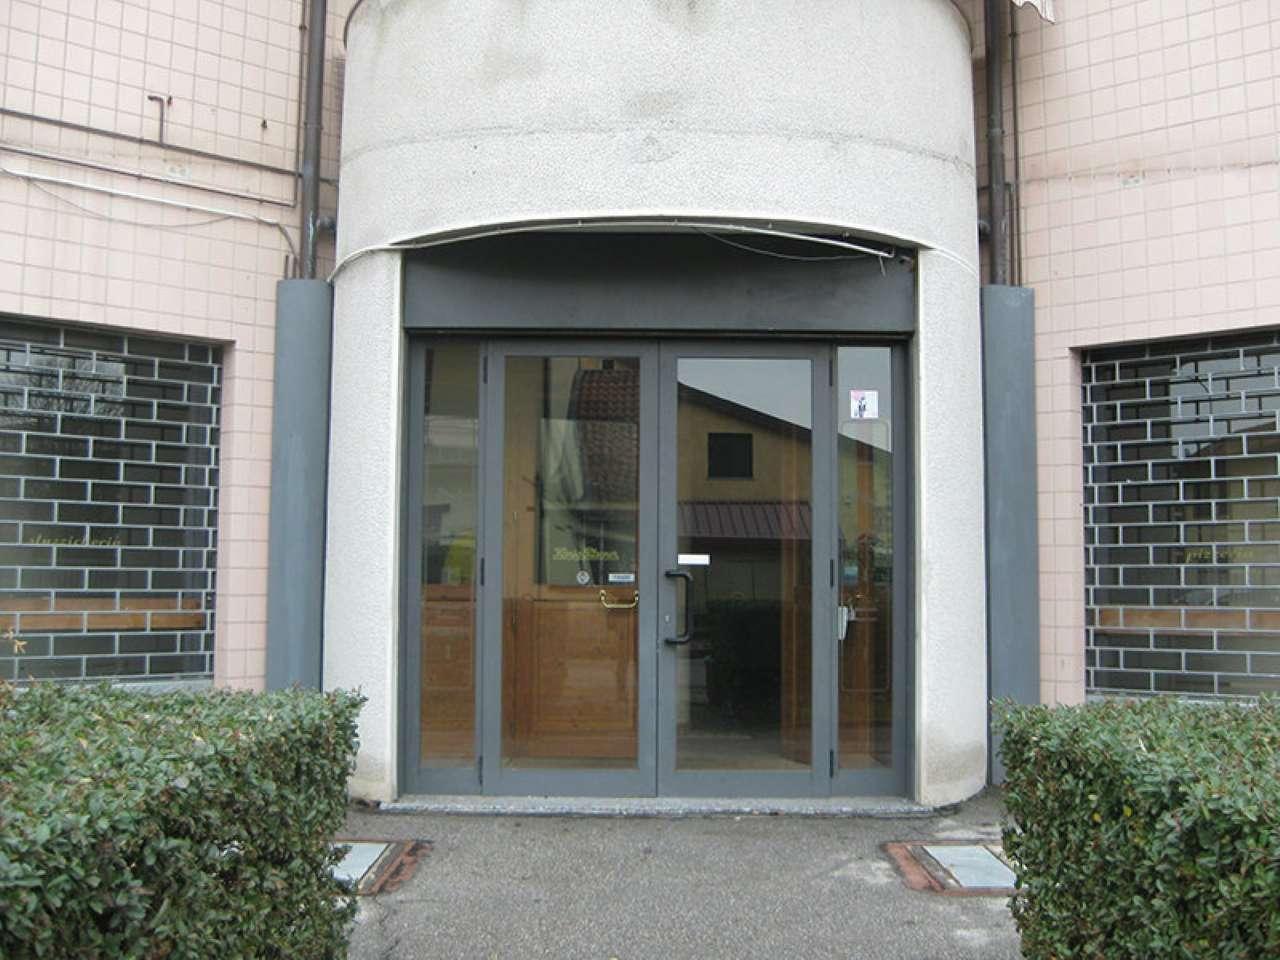 Negozio / Locale in affitto a Monza, 9999 locali, zona Zona: 5 . San Carlo, San Giuseppe, San Rocco, prezzo € 3.000 | CambioCasa.it